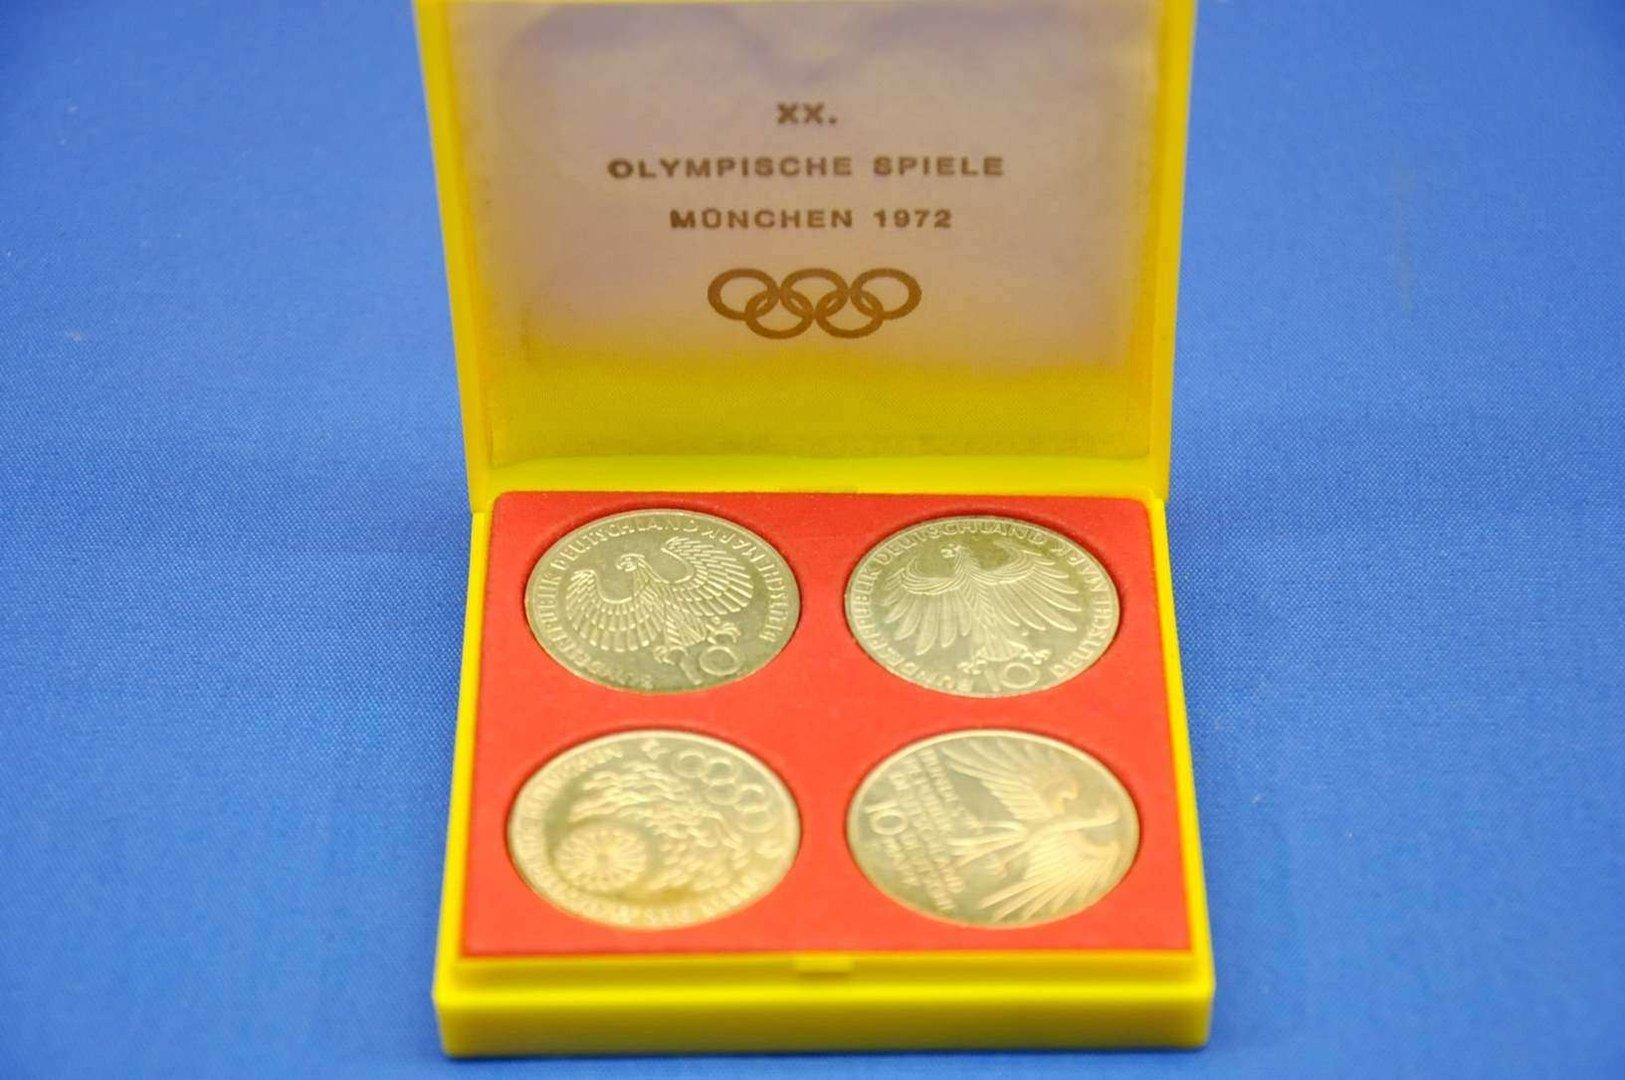 4x 10 Dm Münzen Olympische Spiele München 1972 Mit Box Kusera